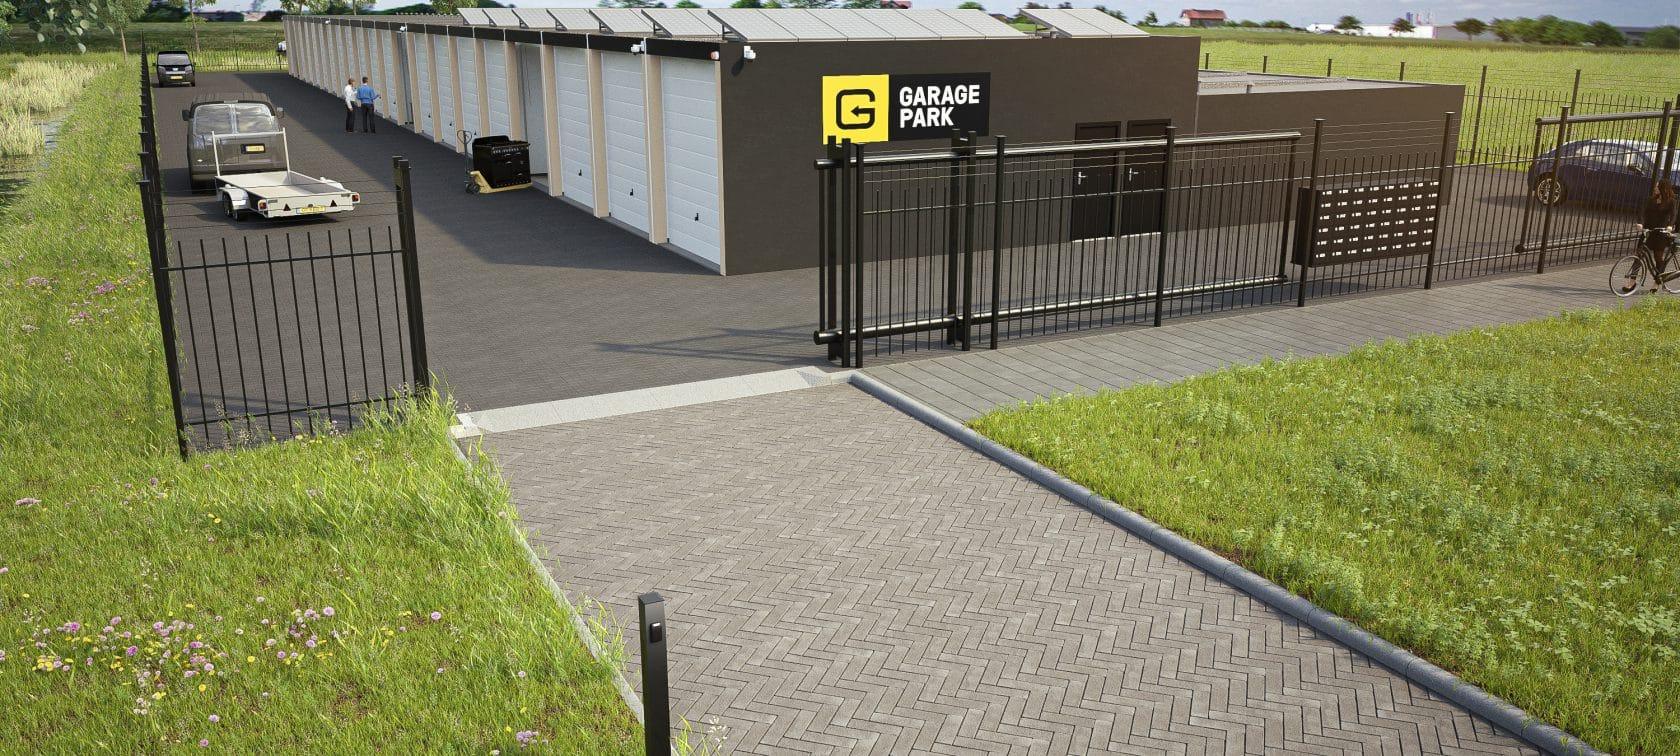 GaragePark Dronte - garageboxen voor opslag en werkruimte